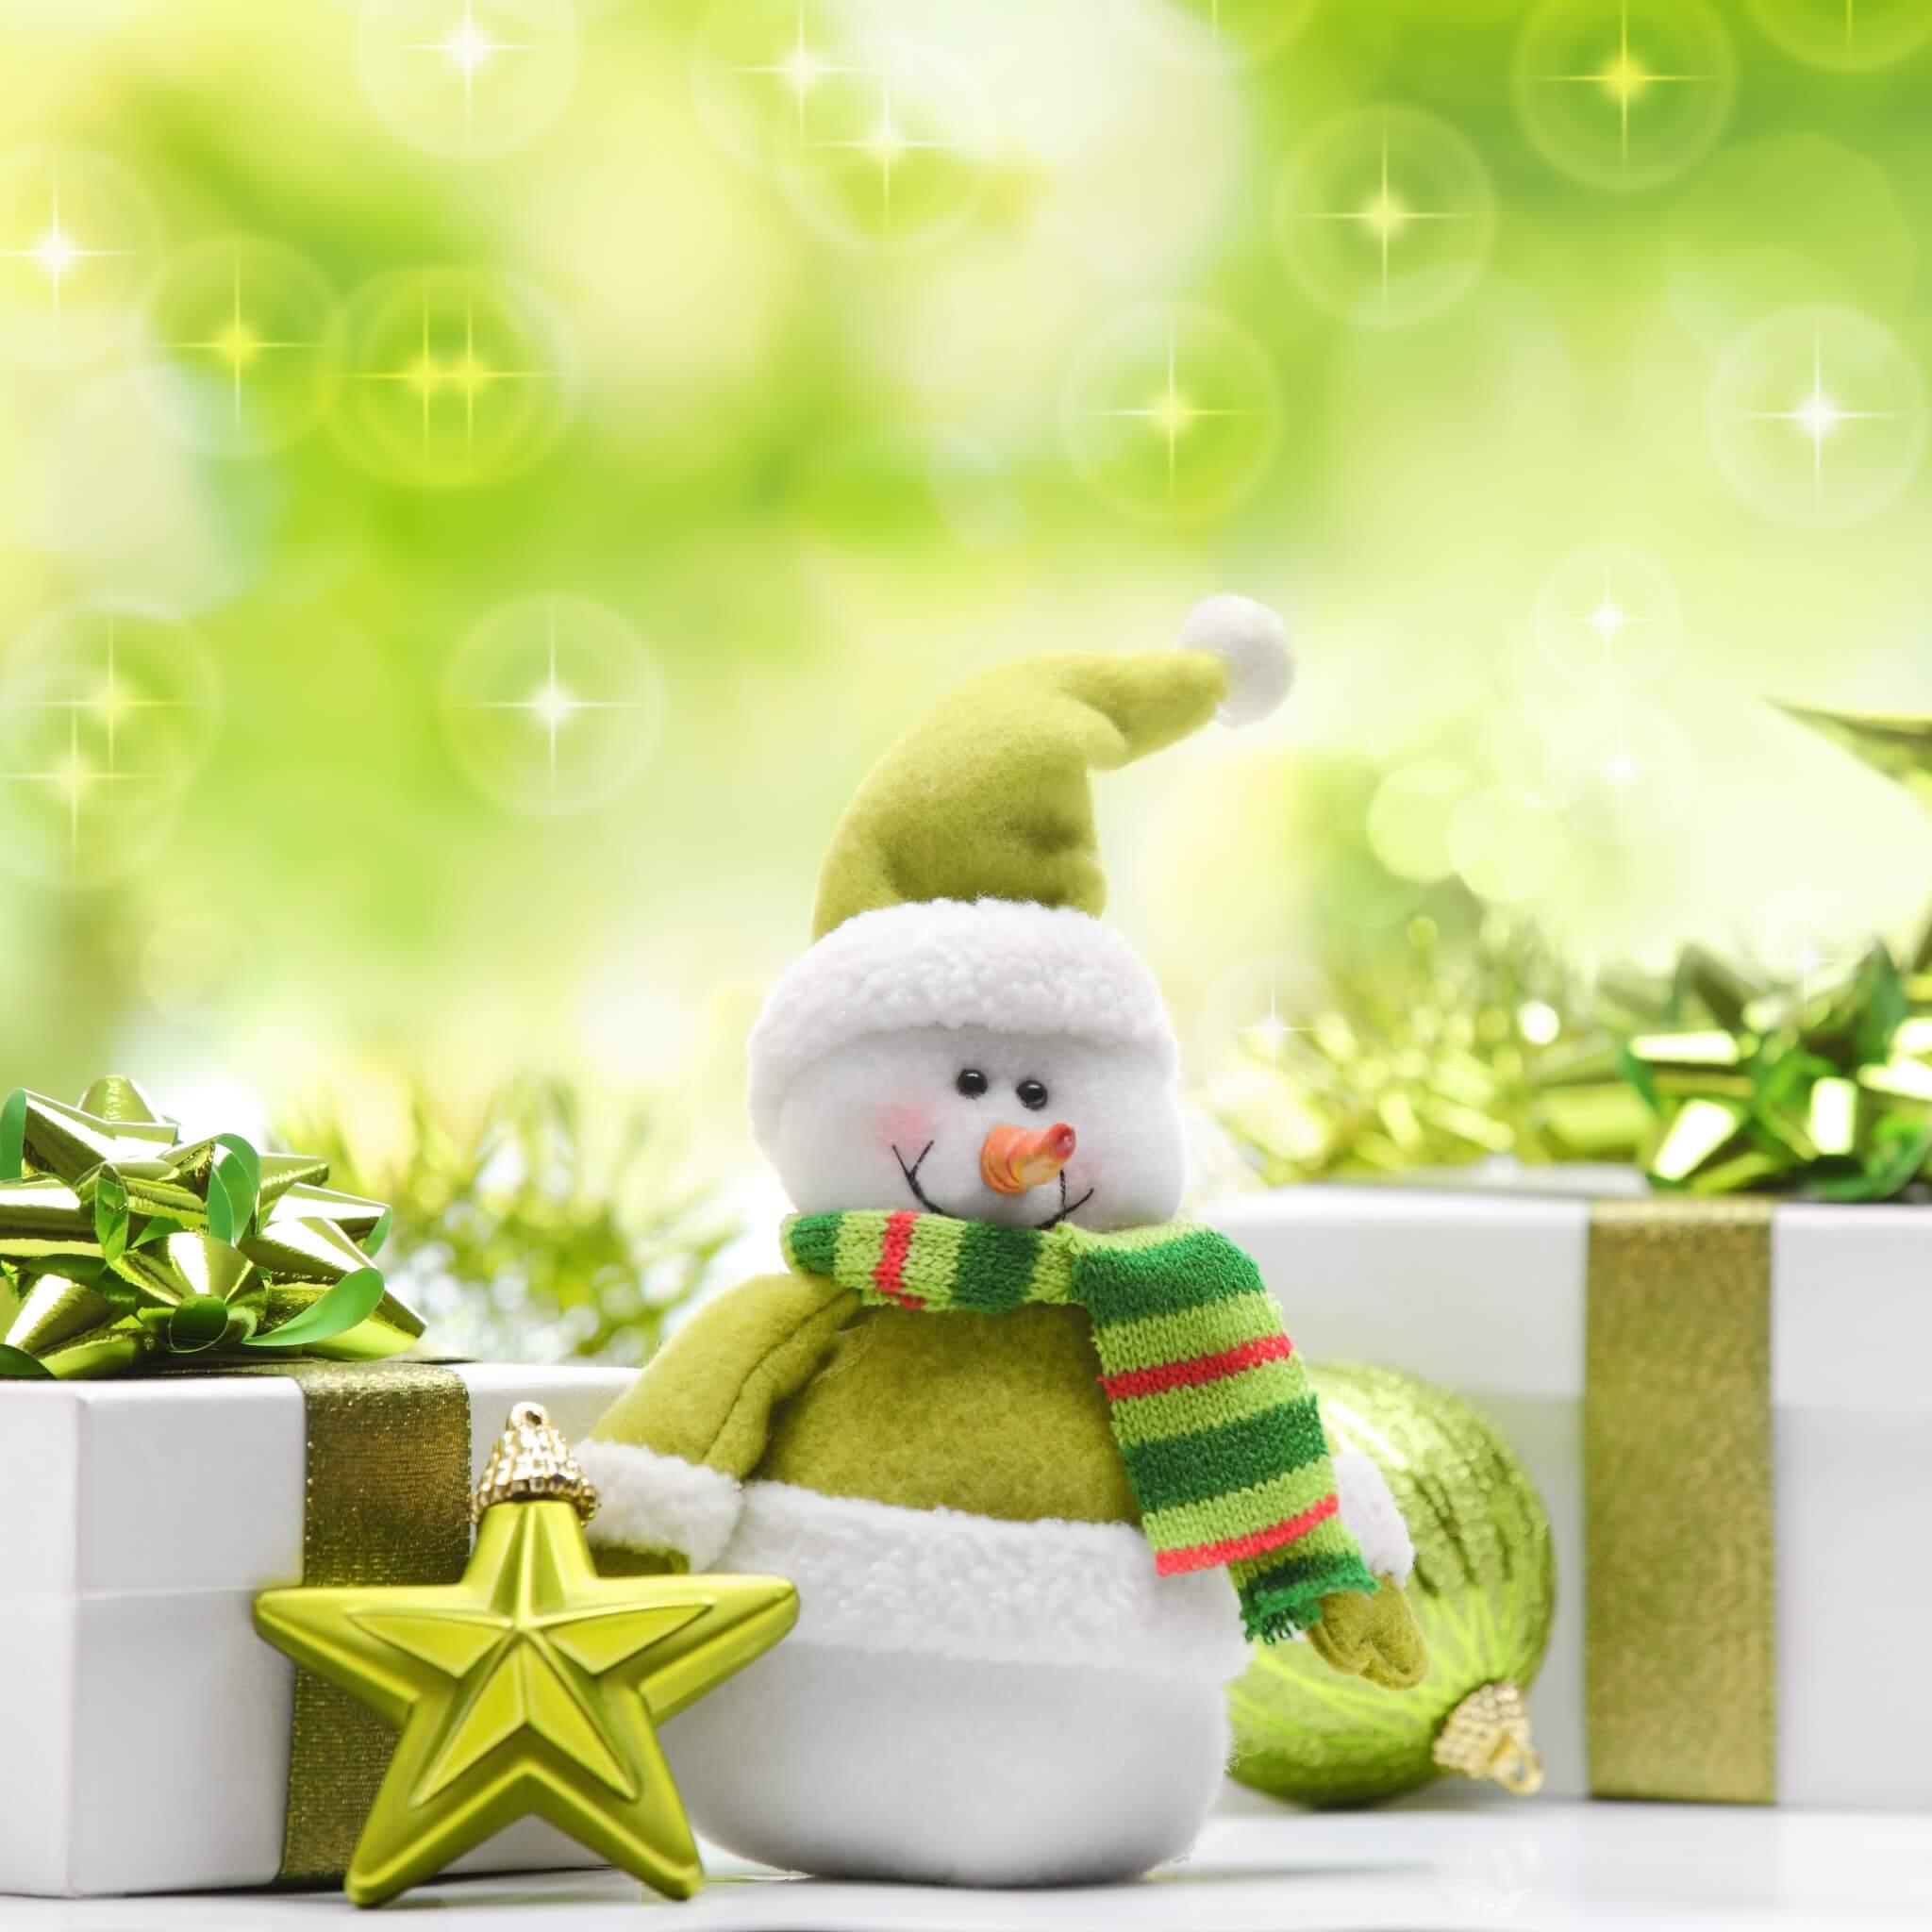 bonhomme de neige vert